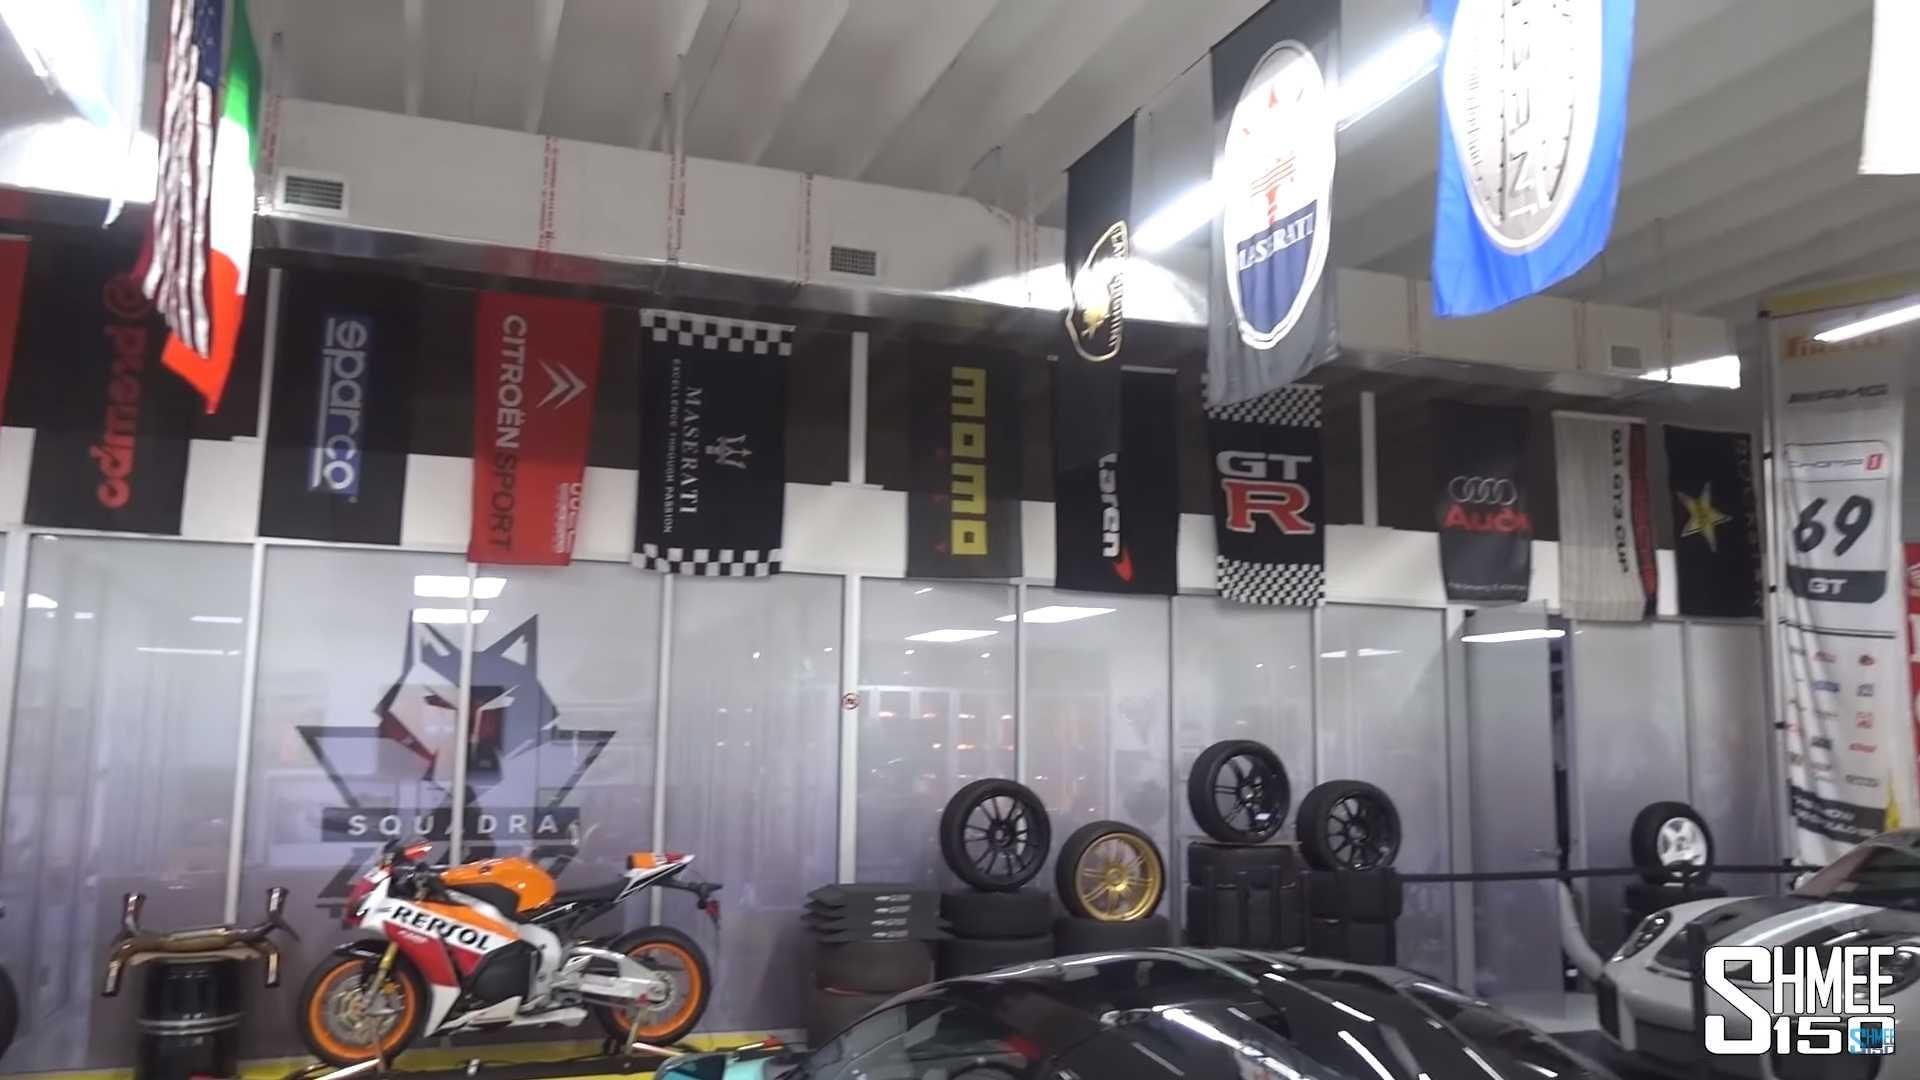 У цій шаленій колекції суперкари не тільки в гаражі, а й у вітальні (відео)